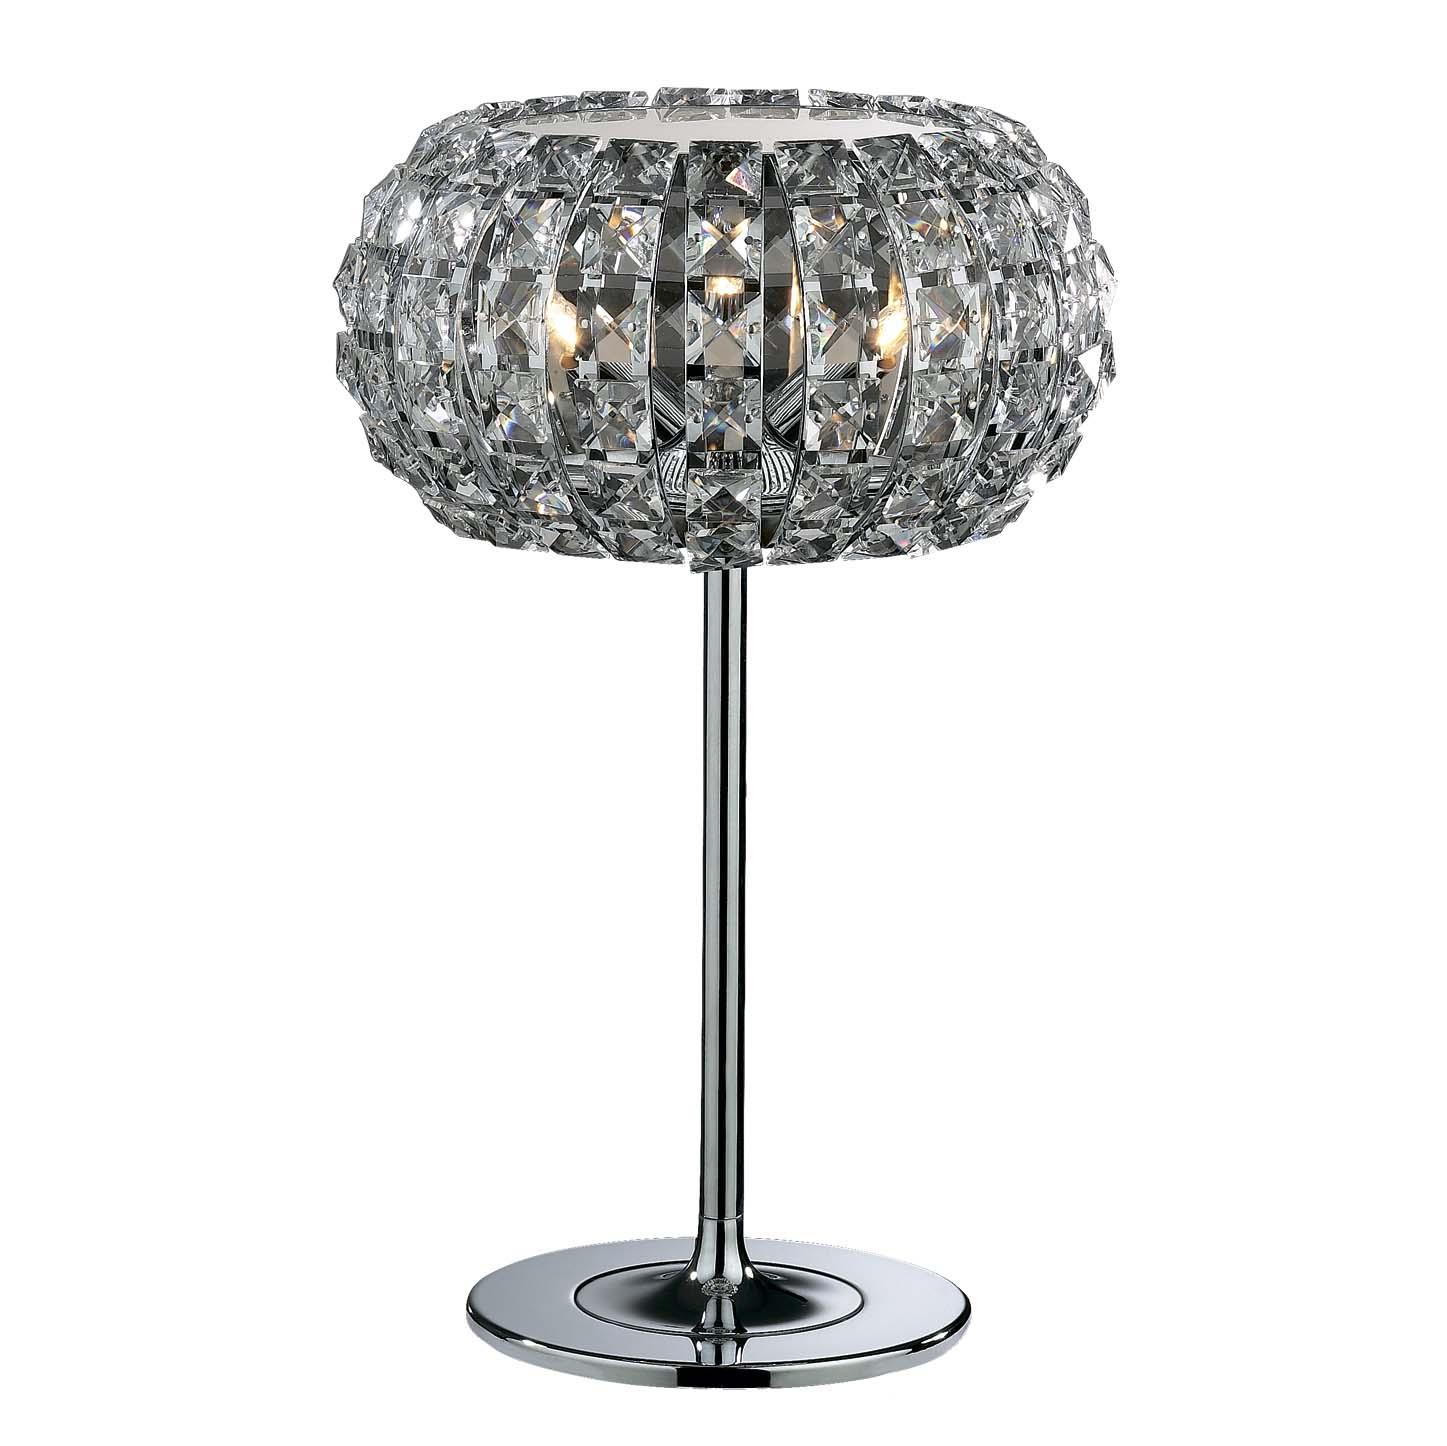 Лампа настольная Odeon light 1606/3t odeon 1606 3t